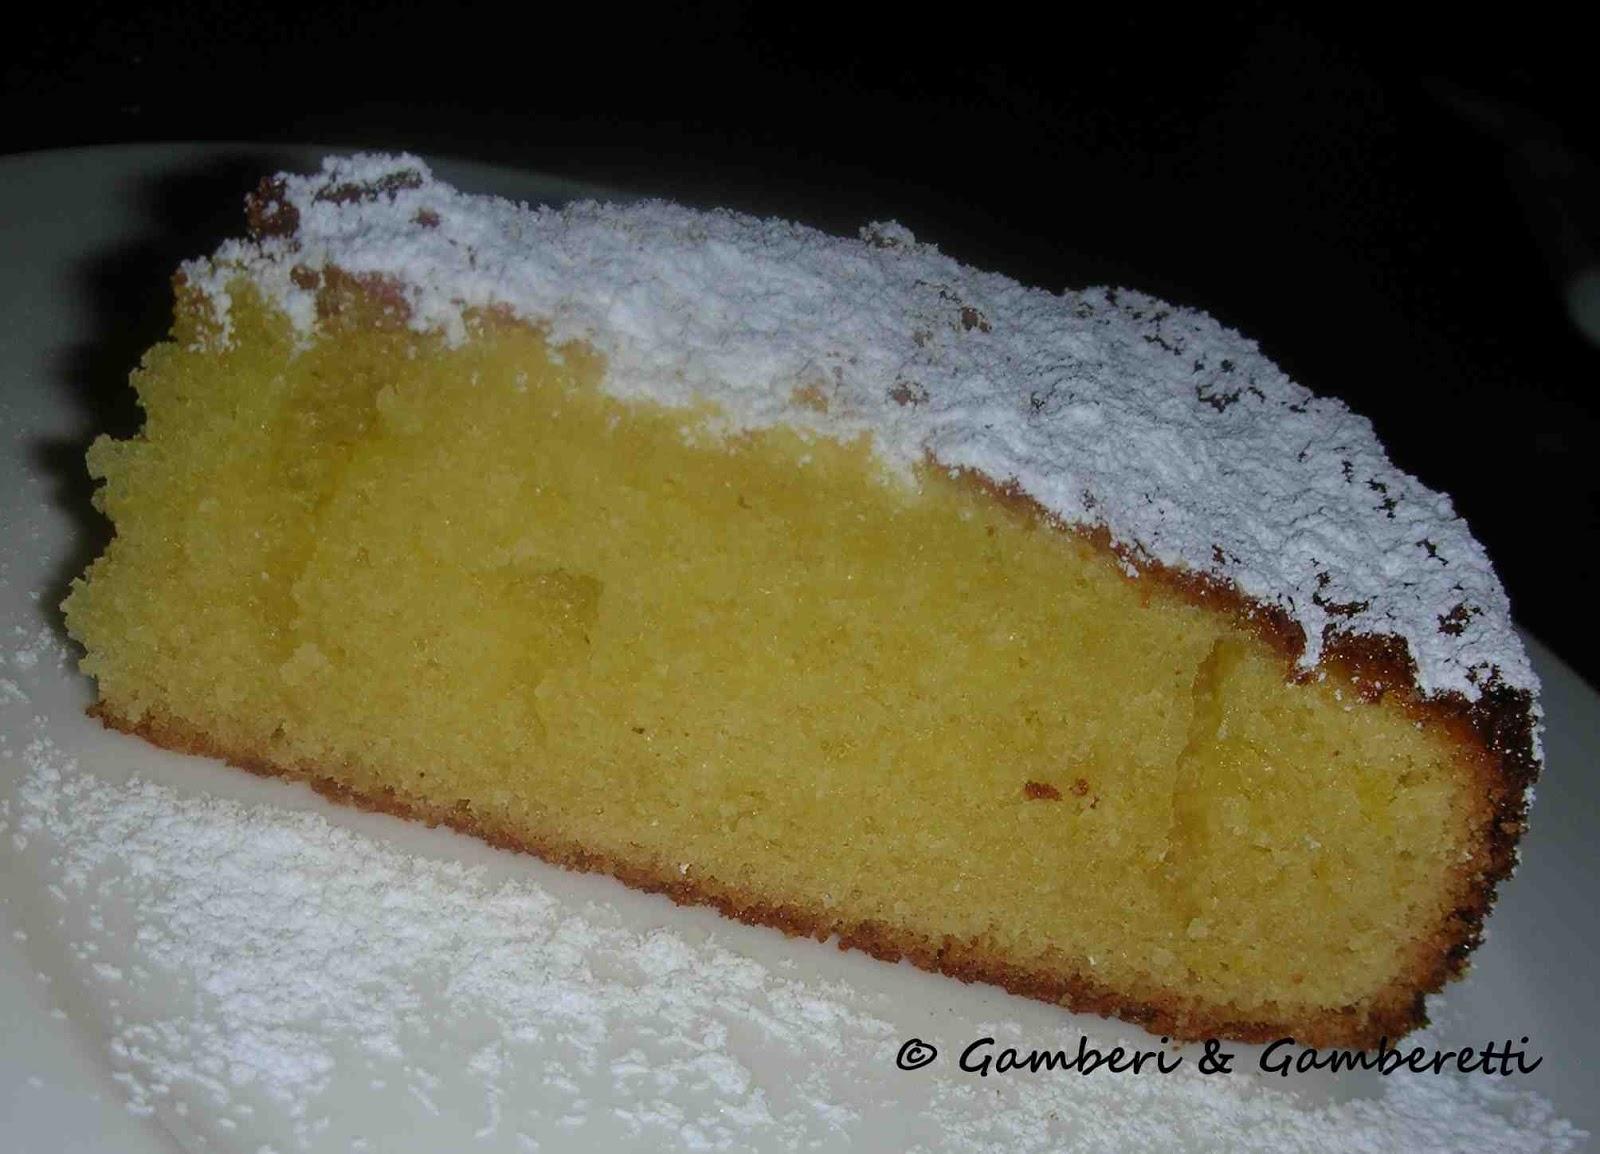 Olasz édességek, olasz gasztronómia